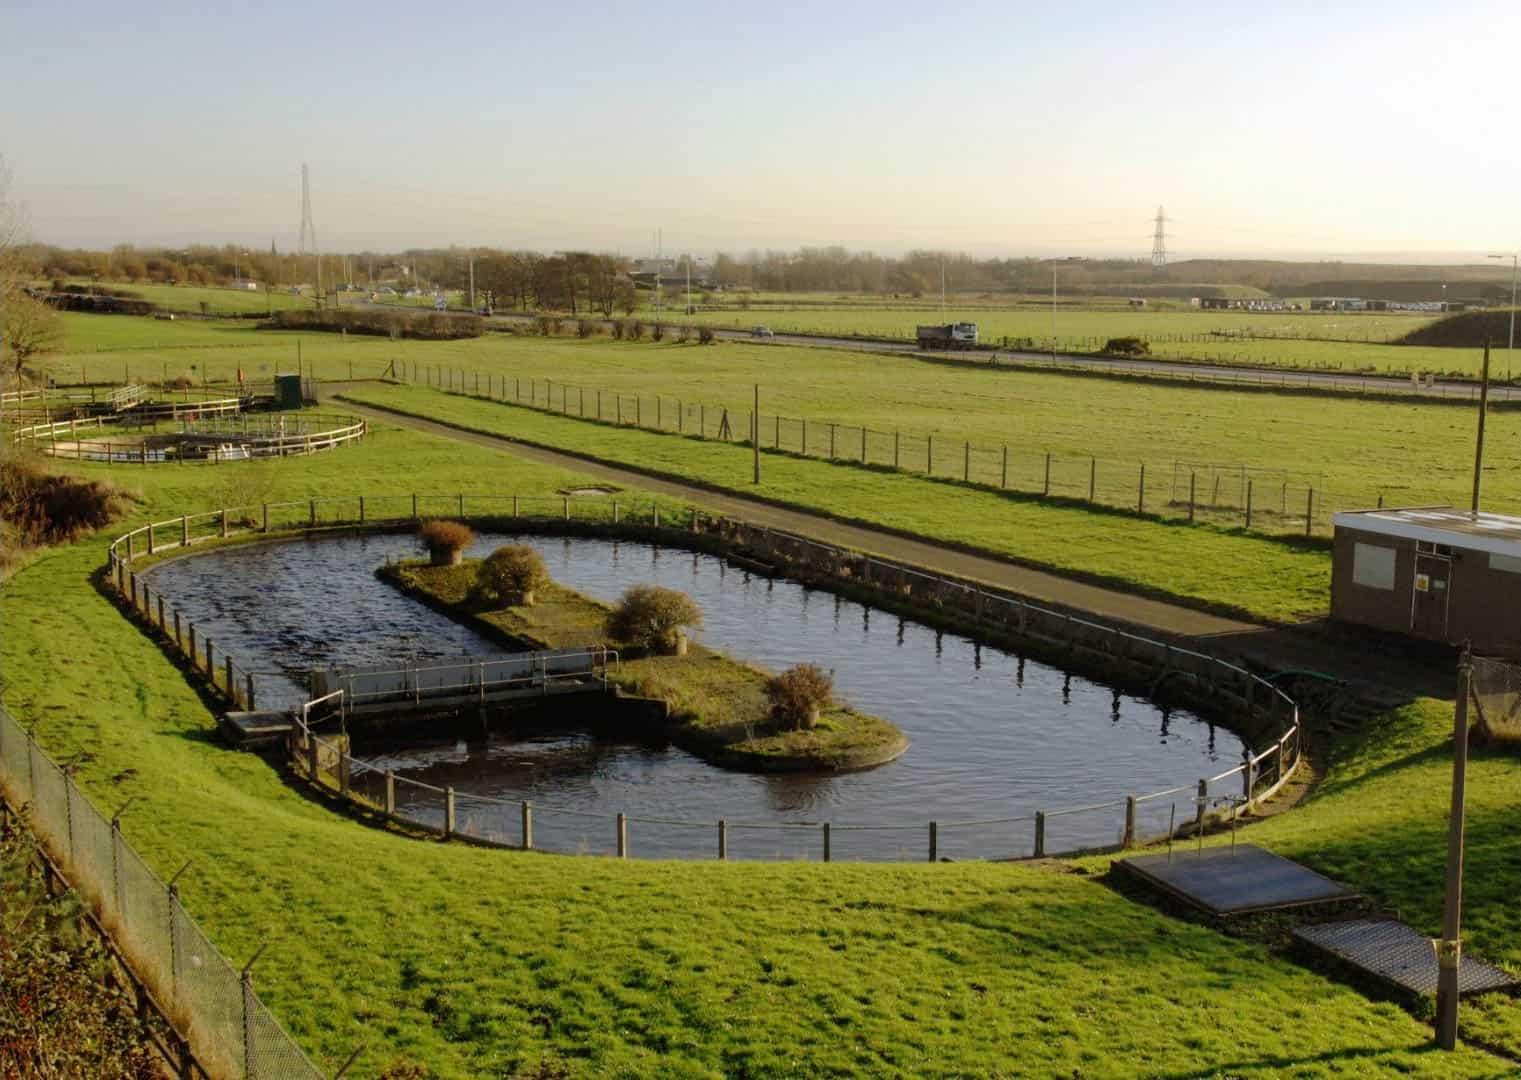 Industrielle Kläranlage umgeben von Feldern, die Grundwasser Monitoring betreibt.